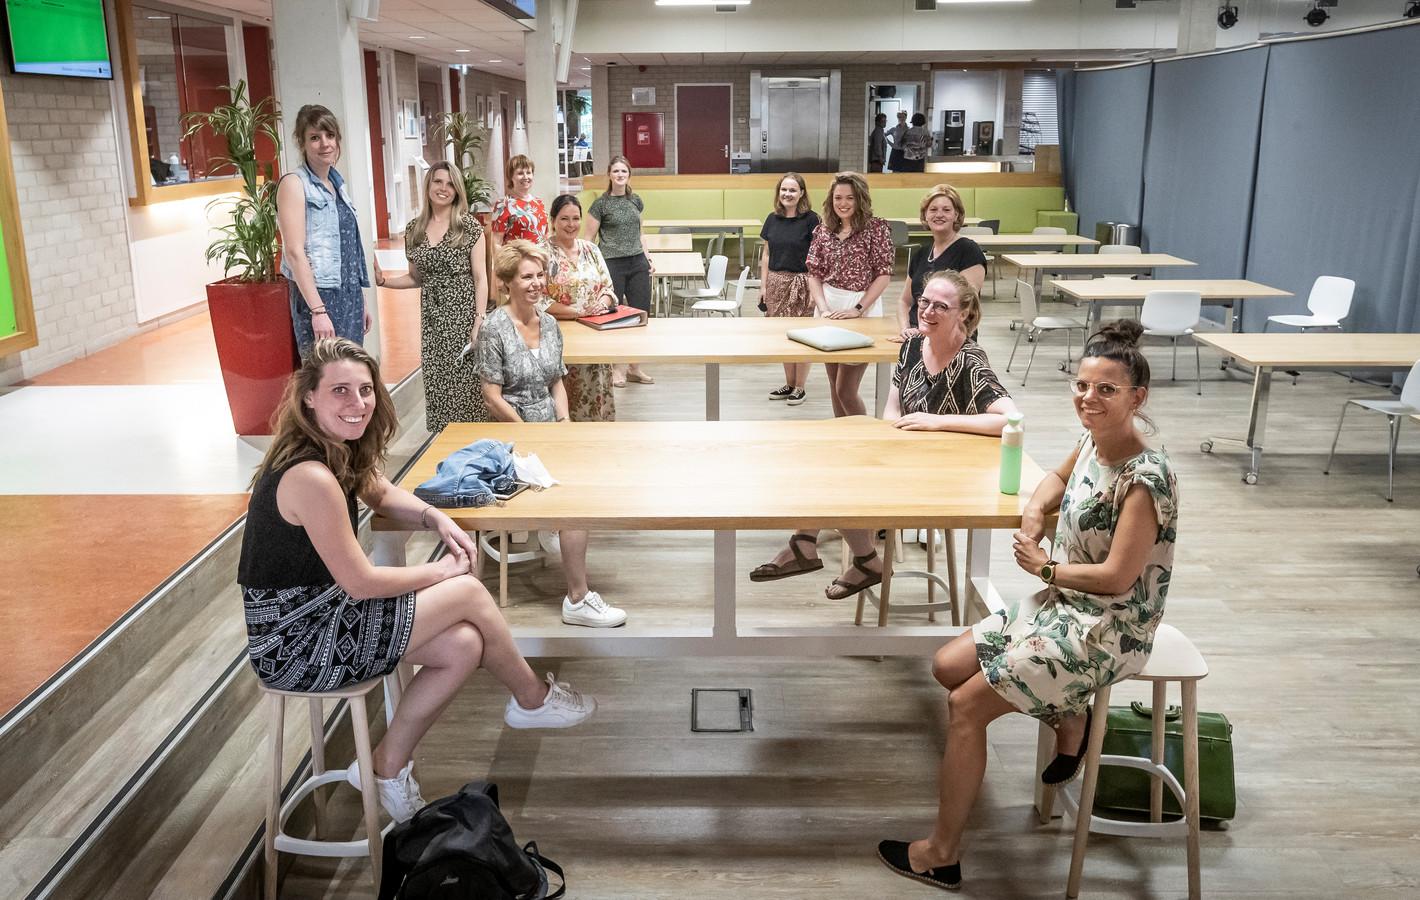 Enkele basisschoolleraren zijn op Hogeschool De Kempel in Helmond voor post-hbo nascholing. Zij zullen het moeten doen, want van een fikse extra instroom van studenten is bij de lerarenopleidingen nog geen sprake.